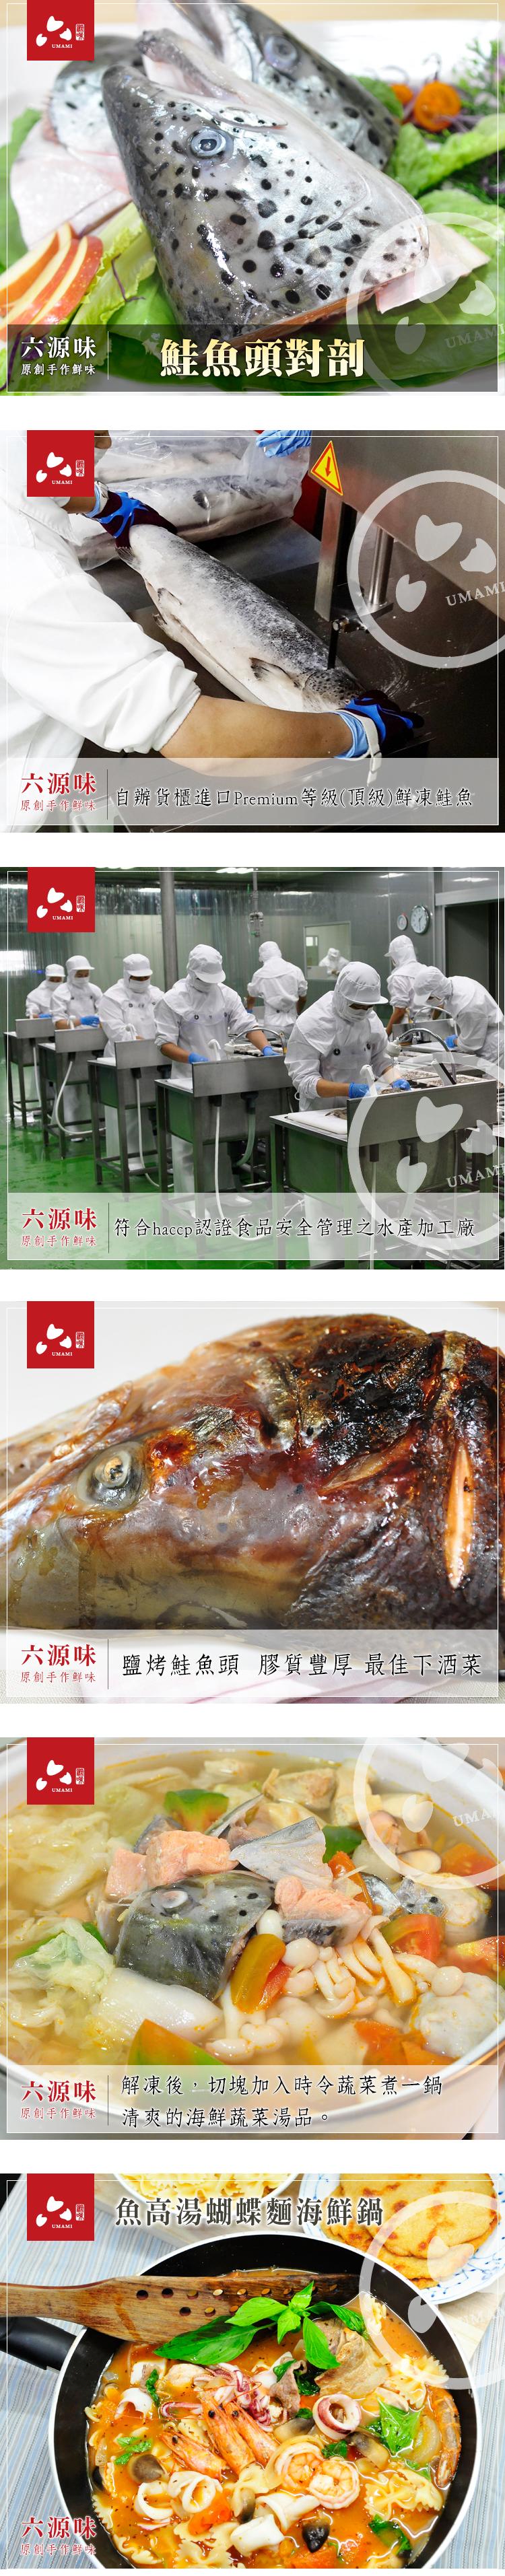 2019 01 14鮭魚頭對剖